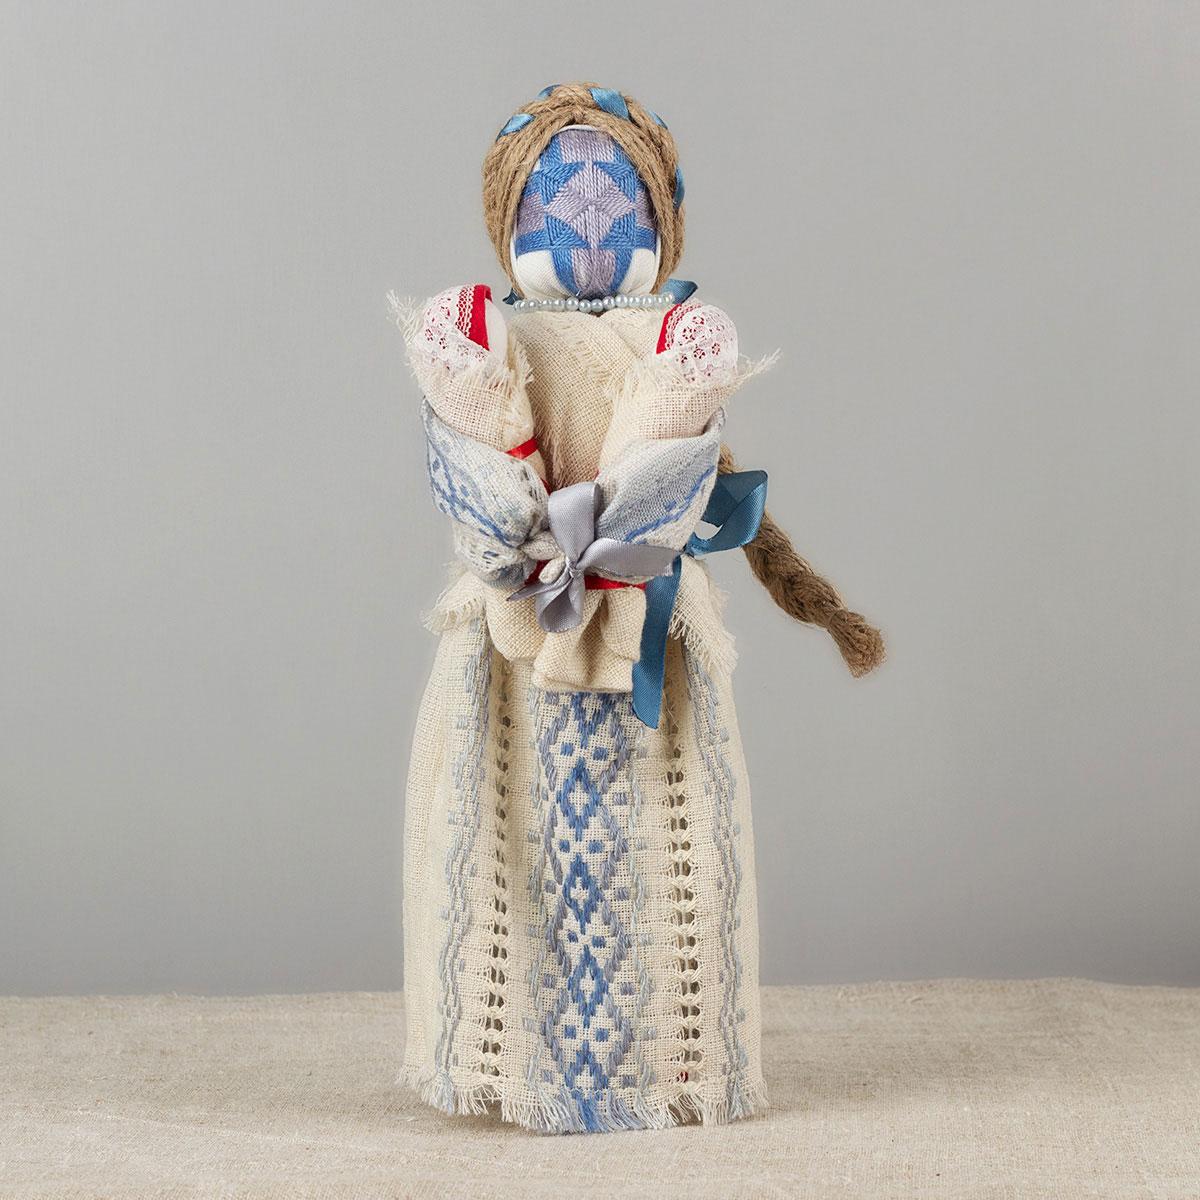 Double profit Motanka Doll